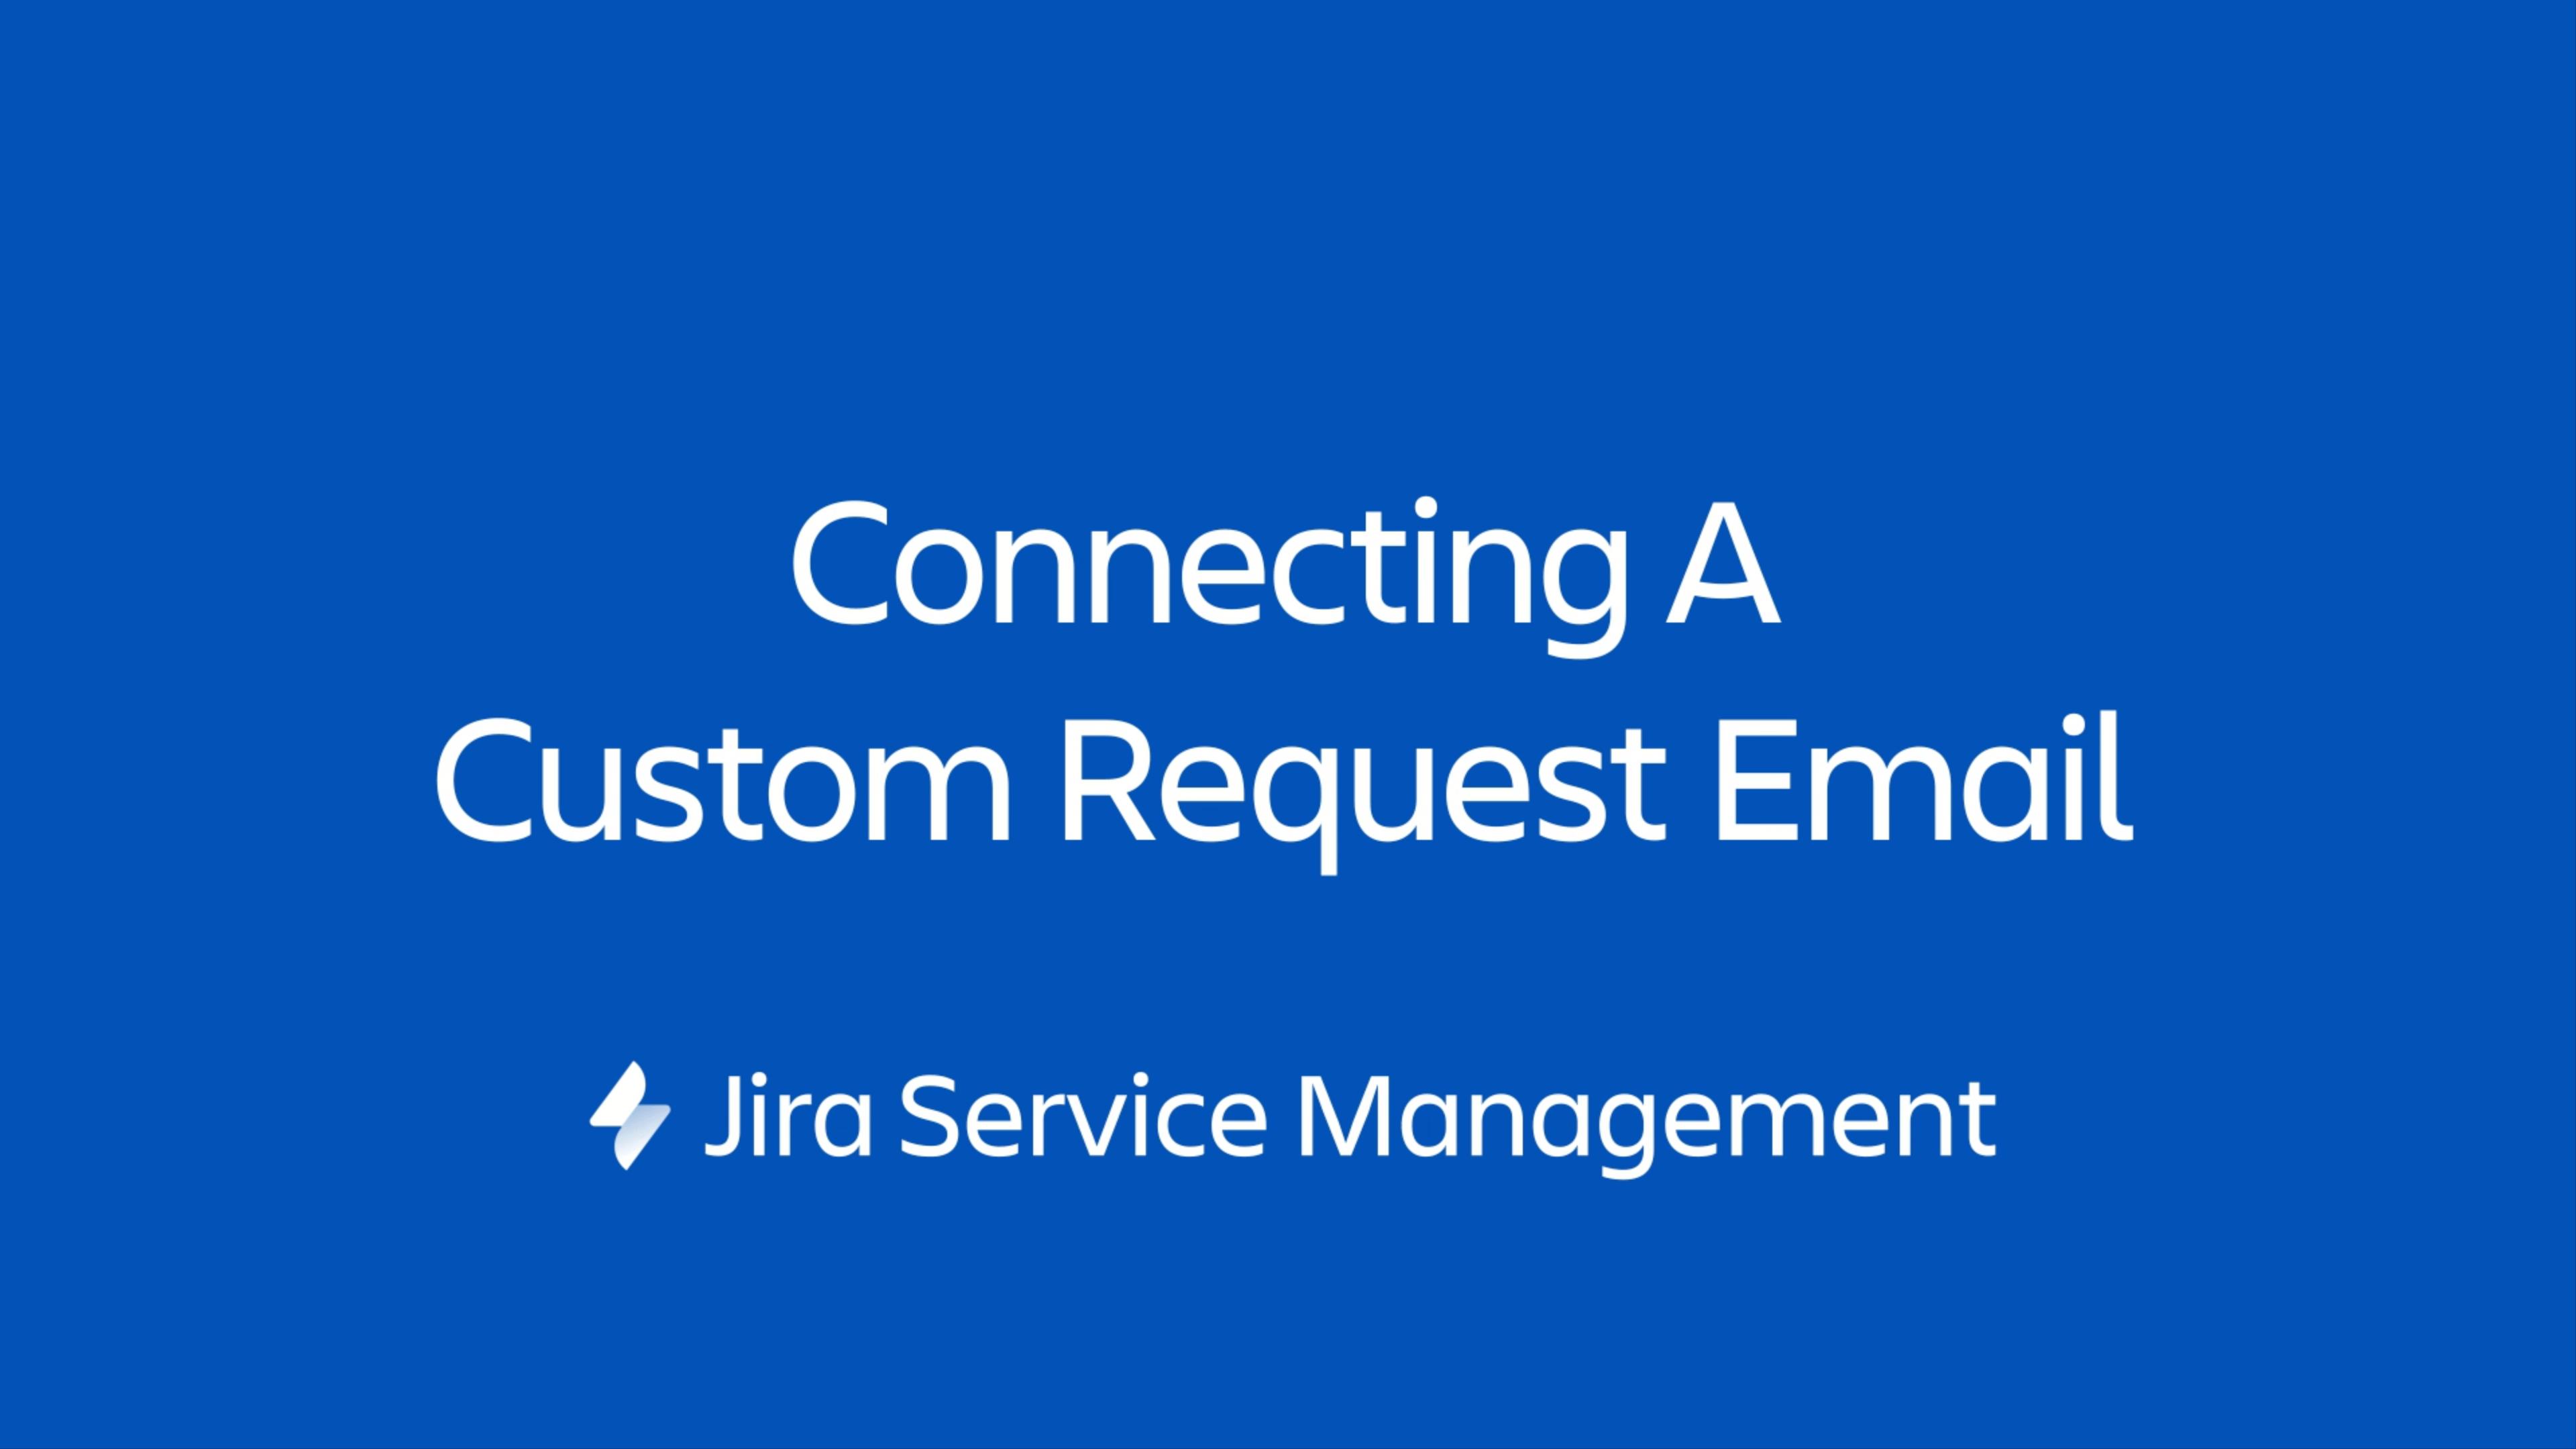 사용자 지정 요청 이메일 연결